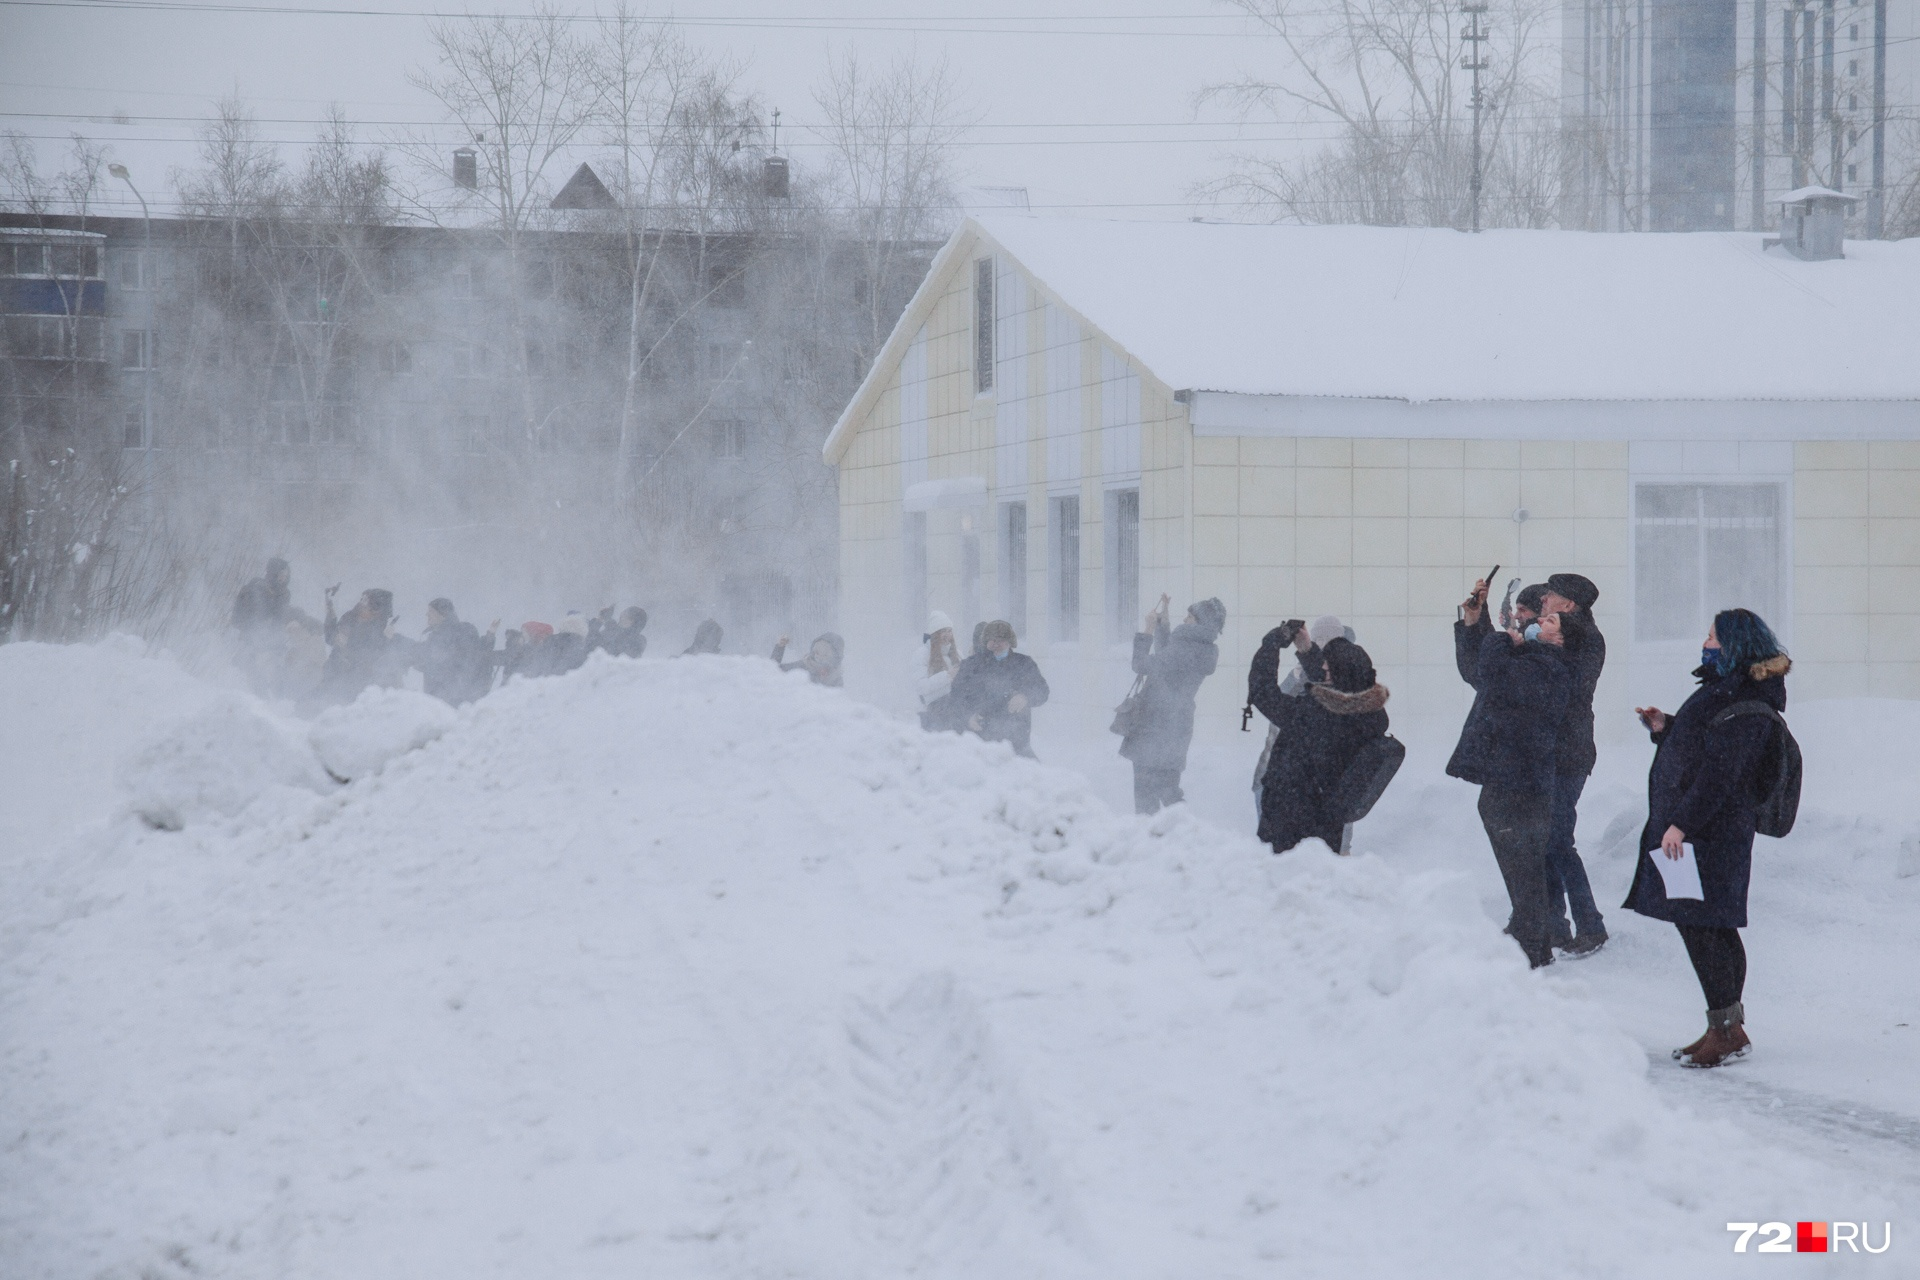 Журналистам, желающим снять приземление вертолета поближе, хорошенько досталось: их чуть не сдуло сильным порывом ветра. И закидало снегом